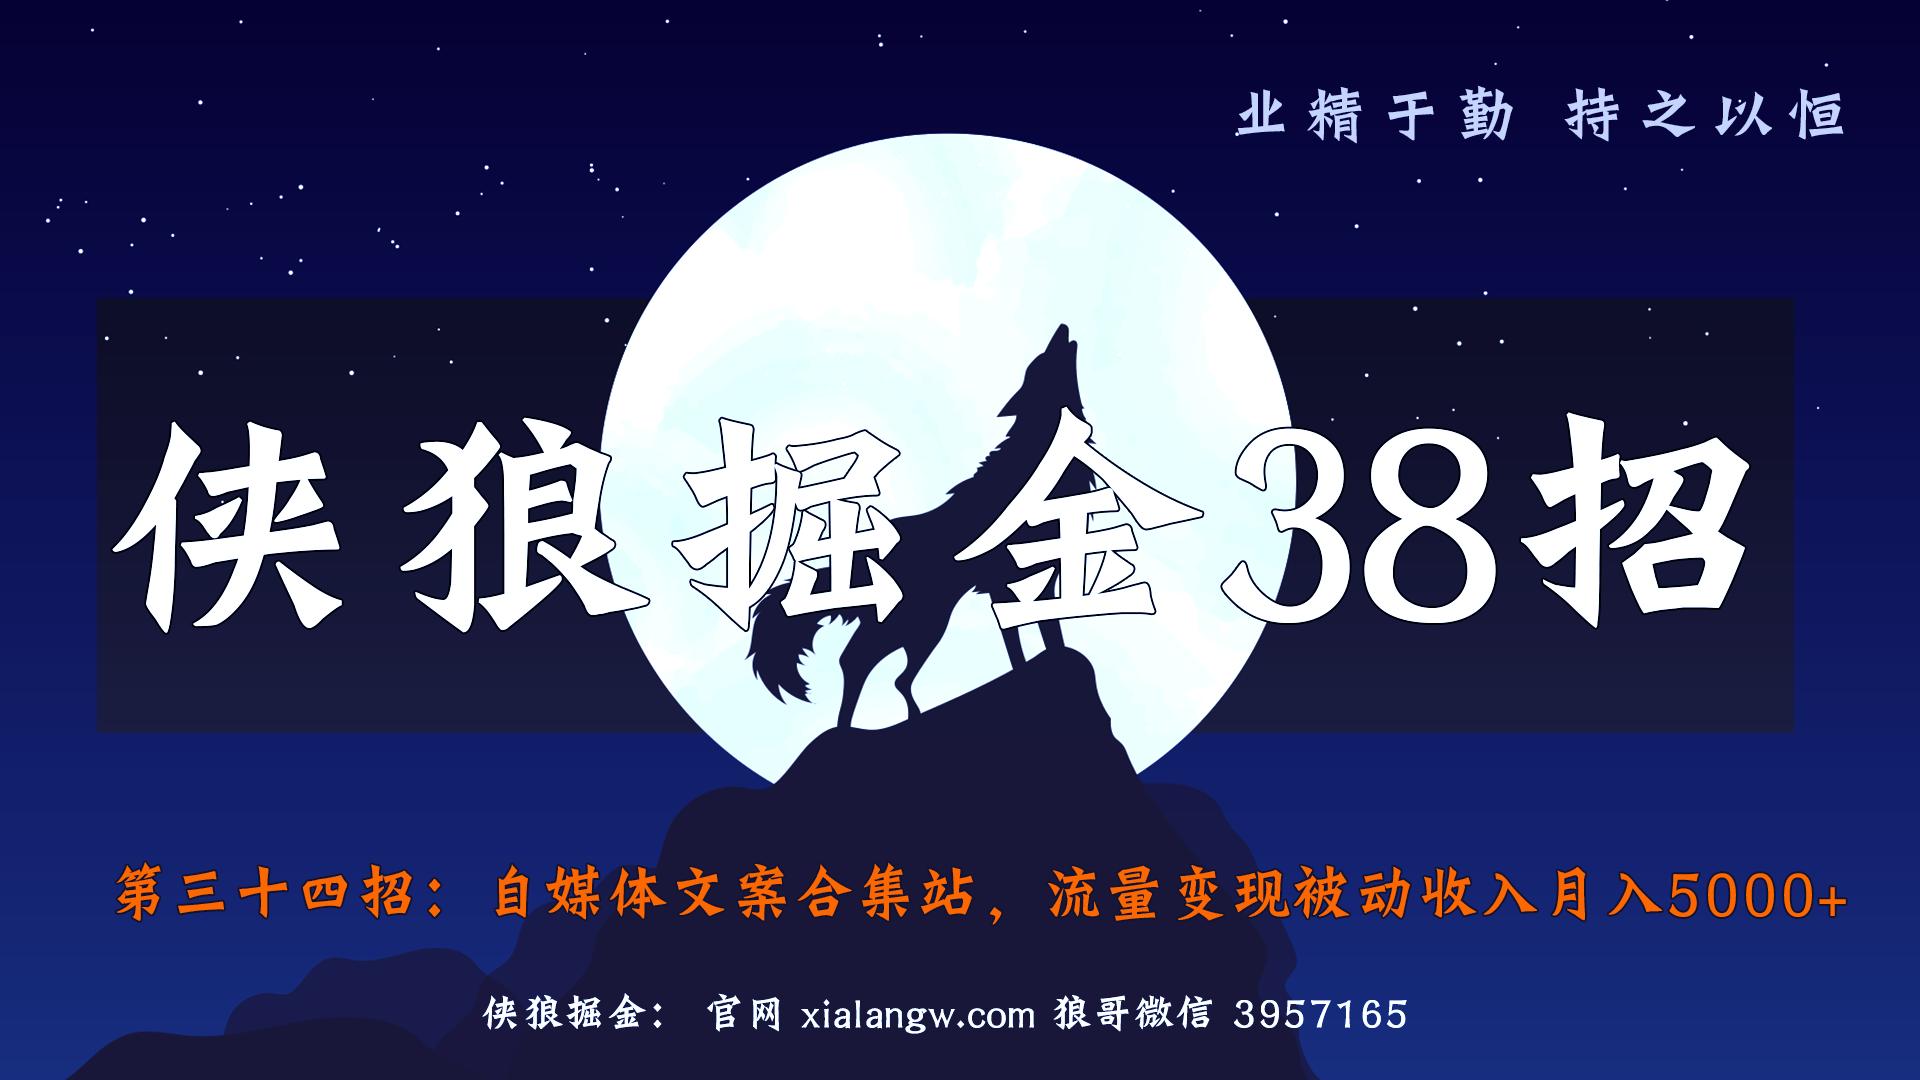 侠狼掘金38招第34招自媒体文案合集站,流量变现被动收入月入5000+